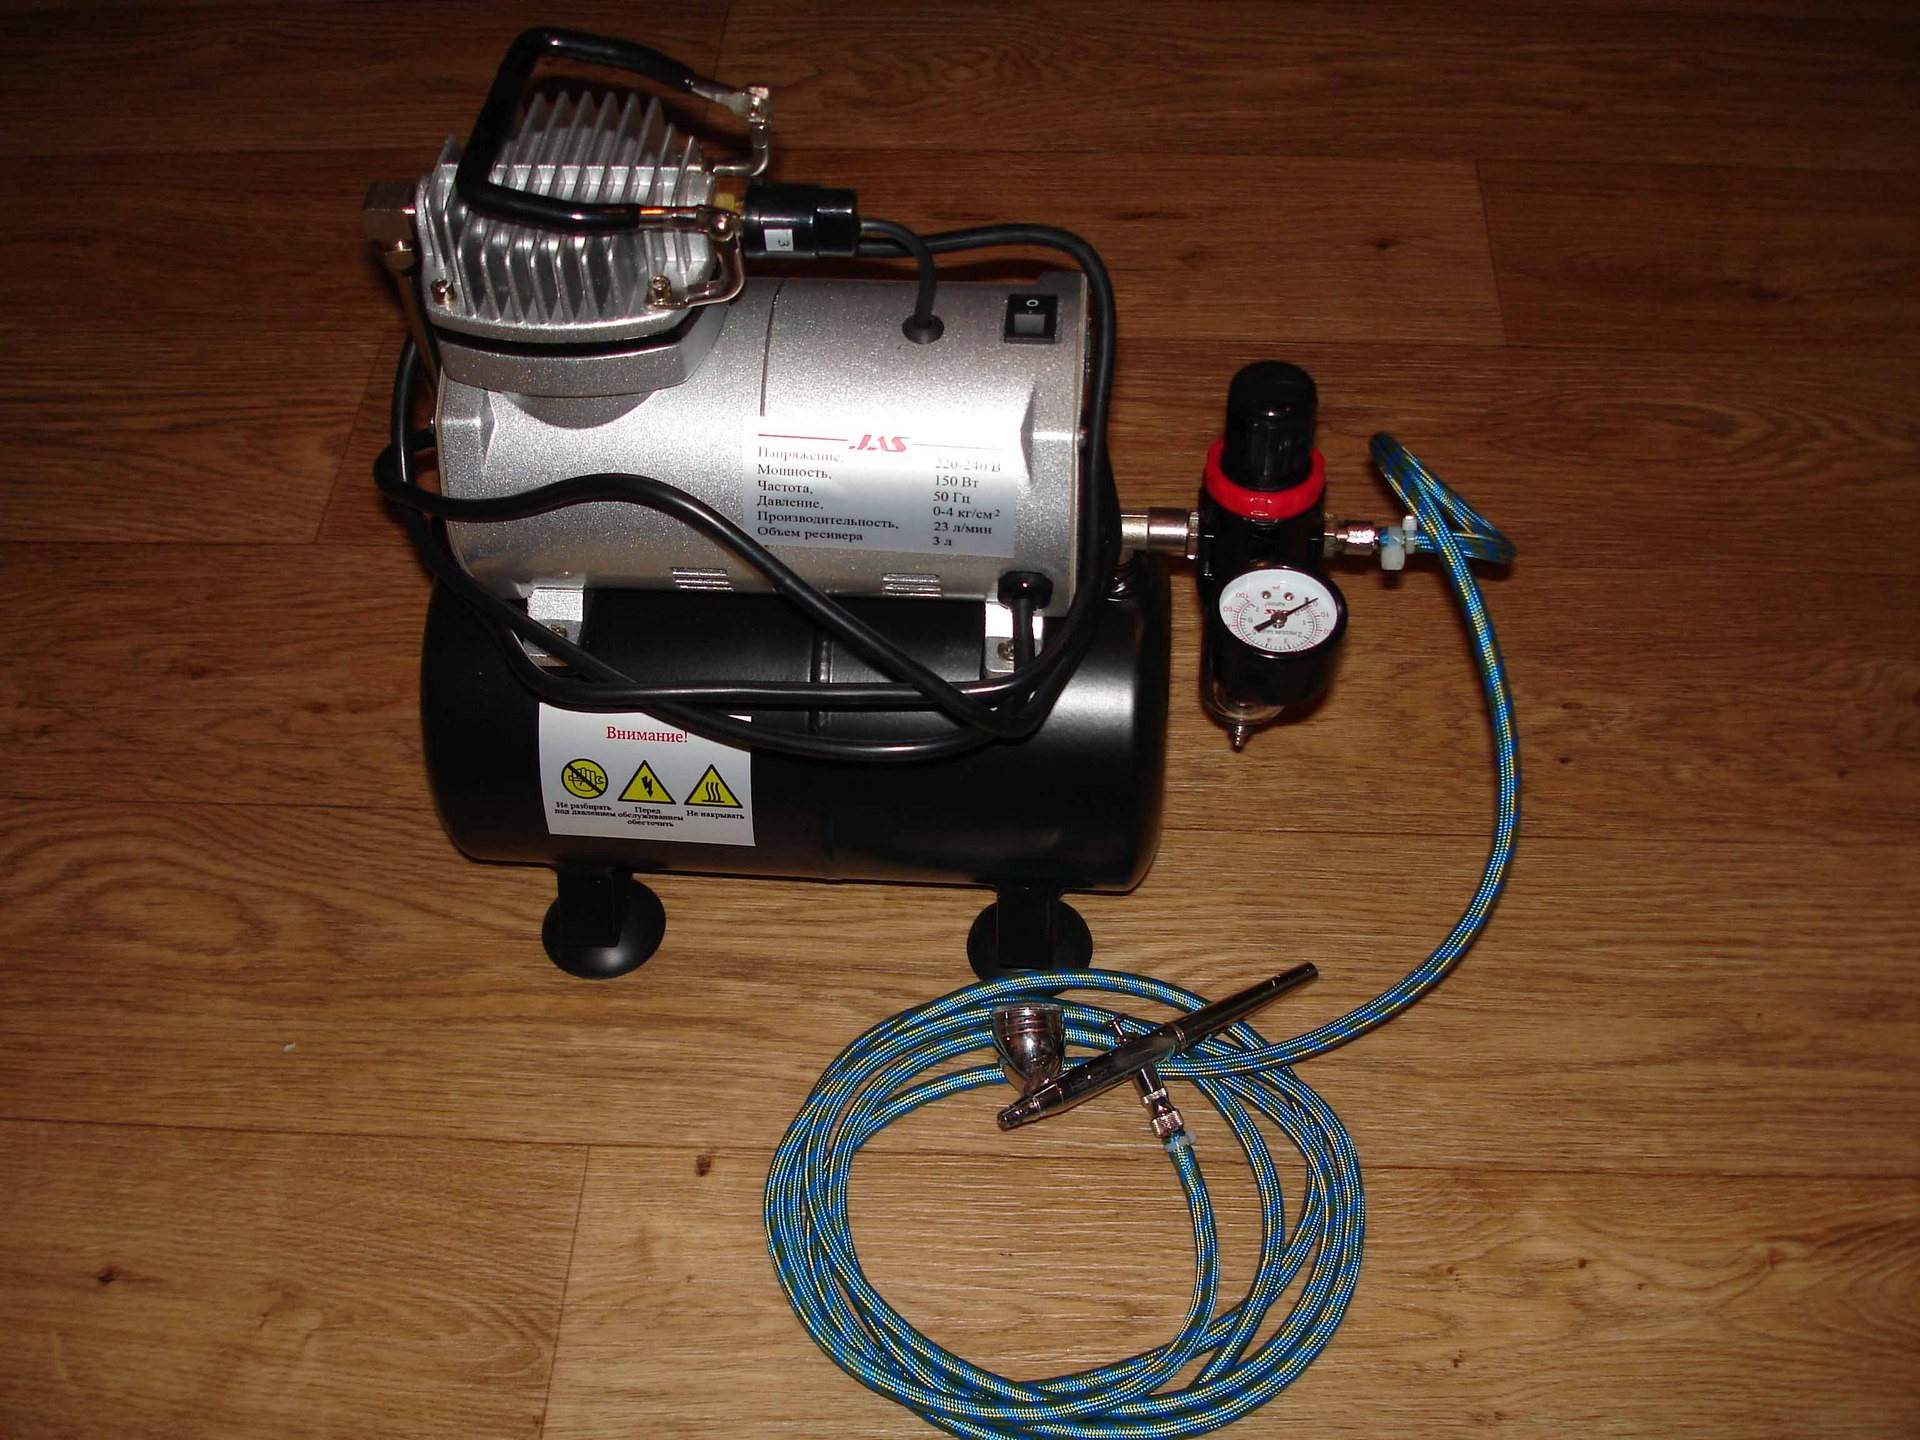 Аэрограф своими руками: как собрать самодельный компрессор в домашних условиях